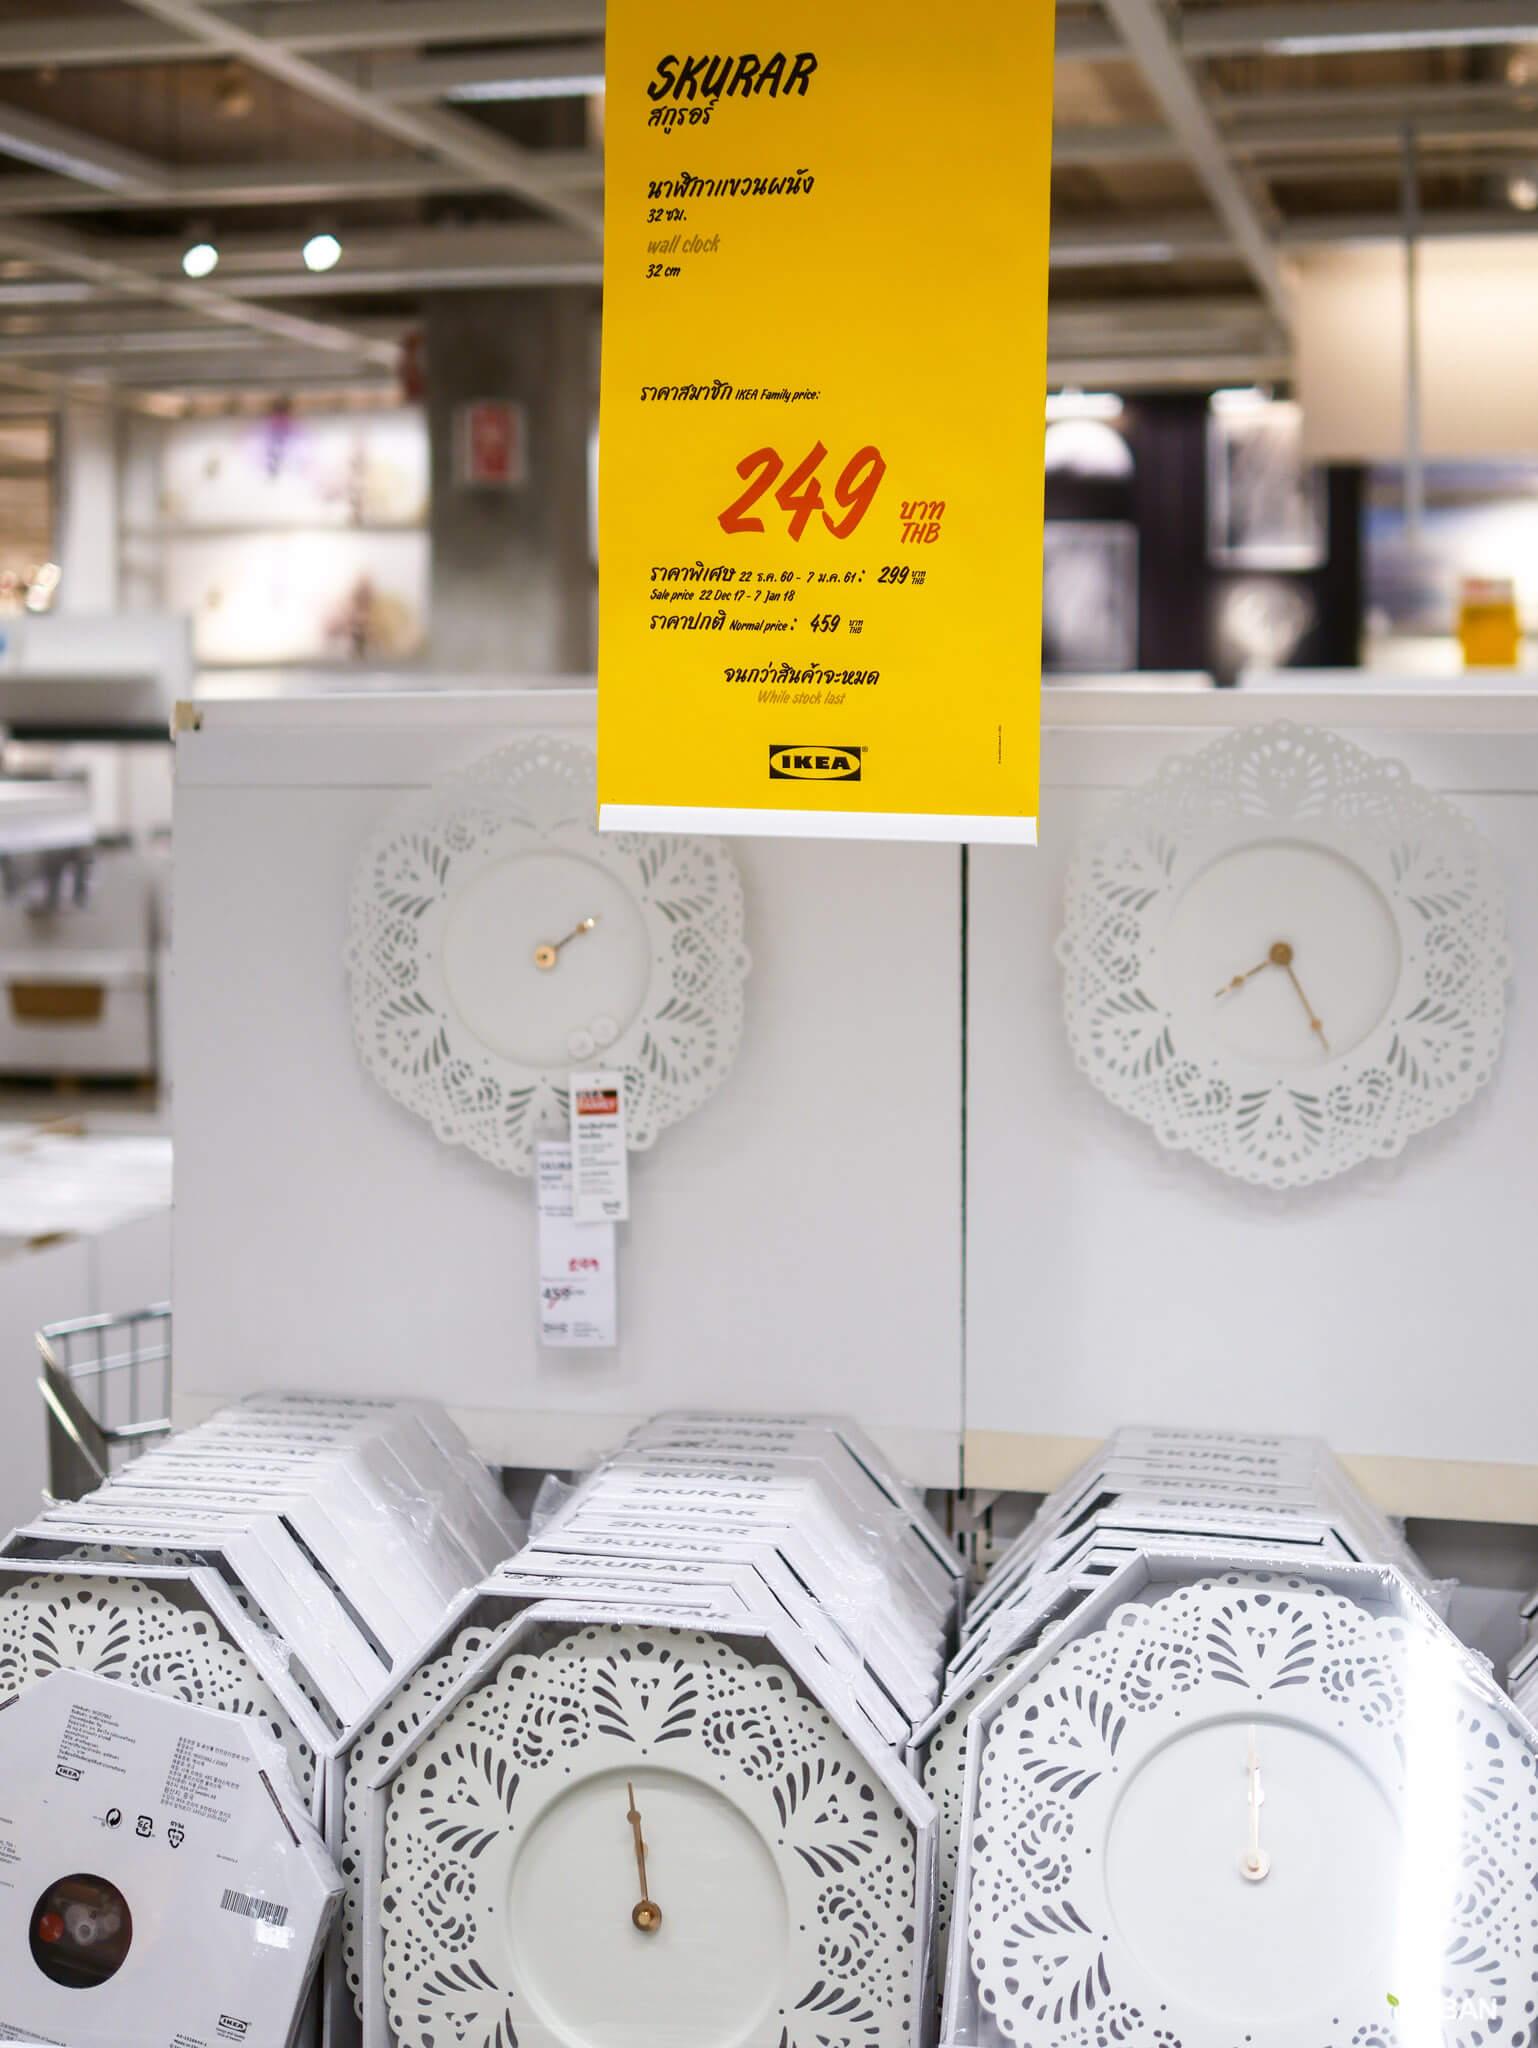 มันเยอะมากกกก!! IKEA Year End SALE 2017 รวมของเซลในอิเกีย ลดเยอะ ลดแหลก รีบพุ่งตัวไป วันนี้ - 7 มกราคม 61 198 - IKEA (อิเกีย)